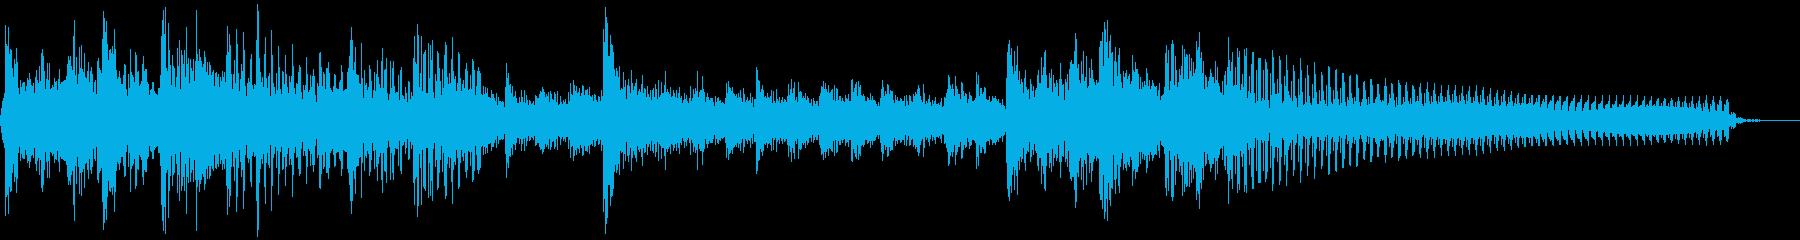 ディスカバリータグの再生済みの波形